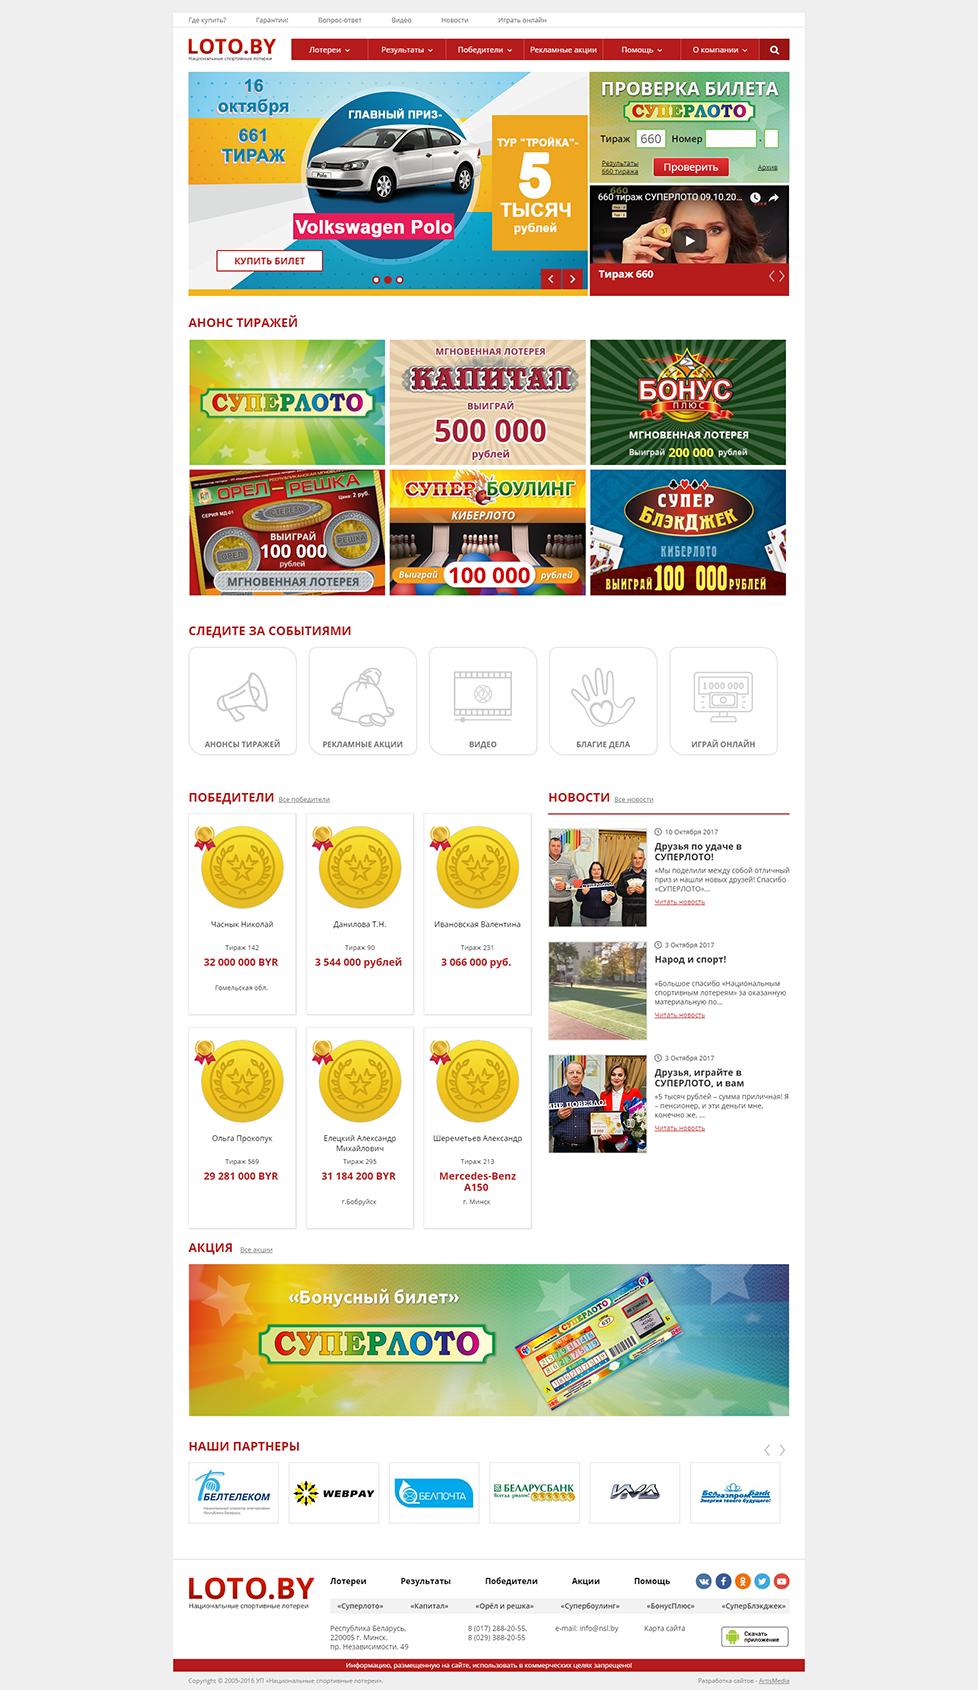 Loto.by -  государственные национальные спортивные лотереи беларуси